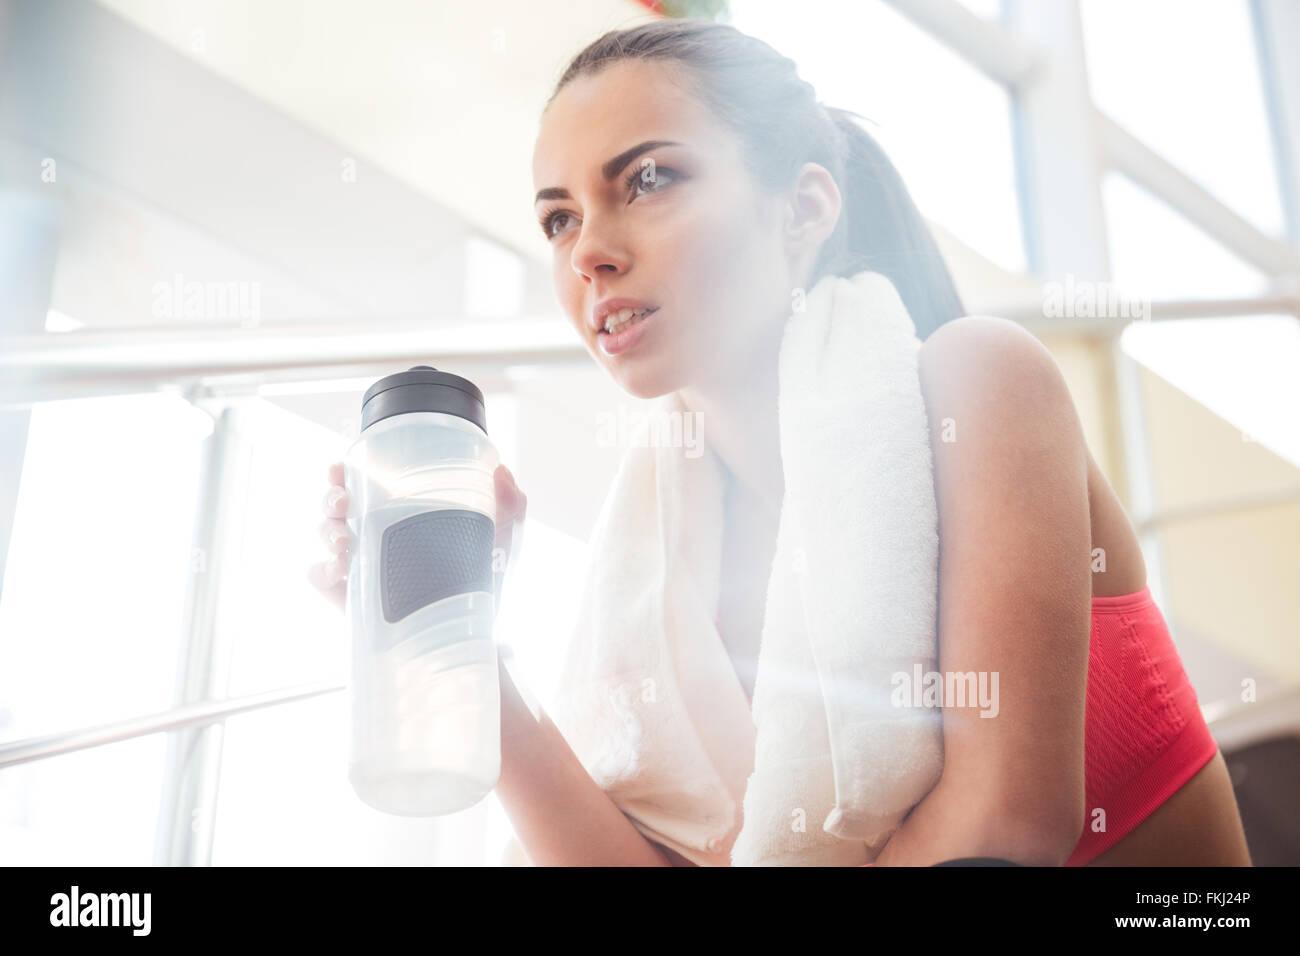 Guapa joven sportswoman relajante después de la capacitación y el suministro de agua potable en el gimnasio Imagen De Stock